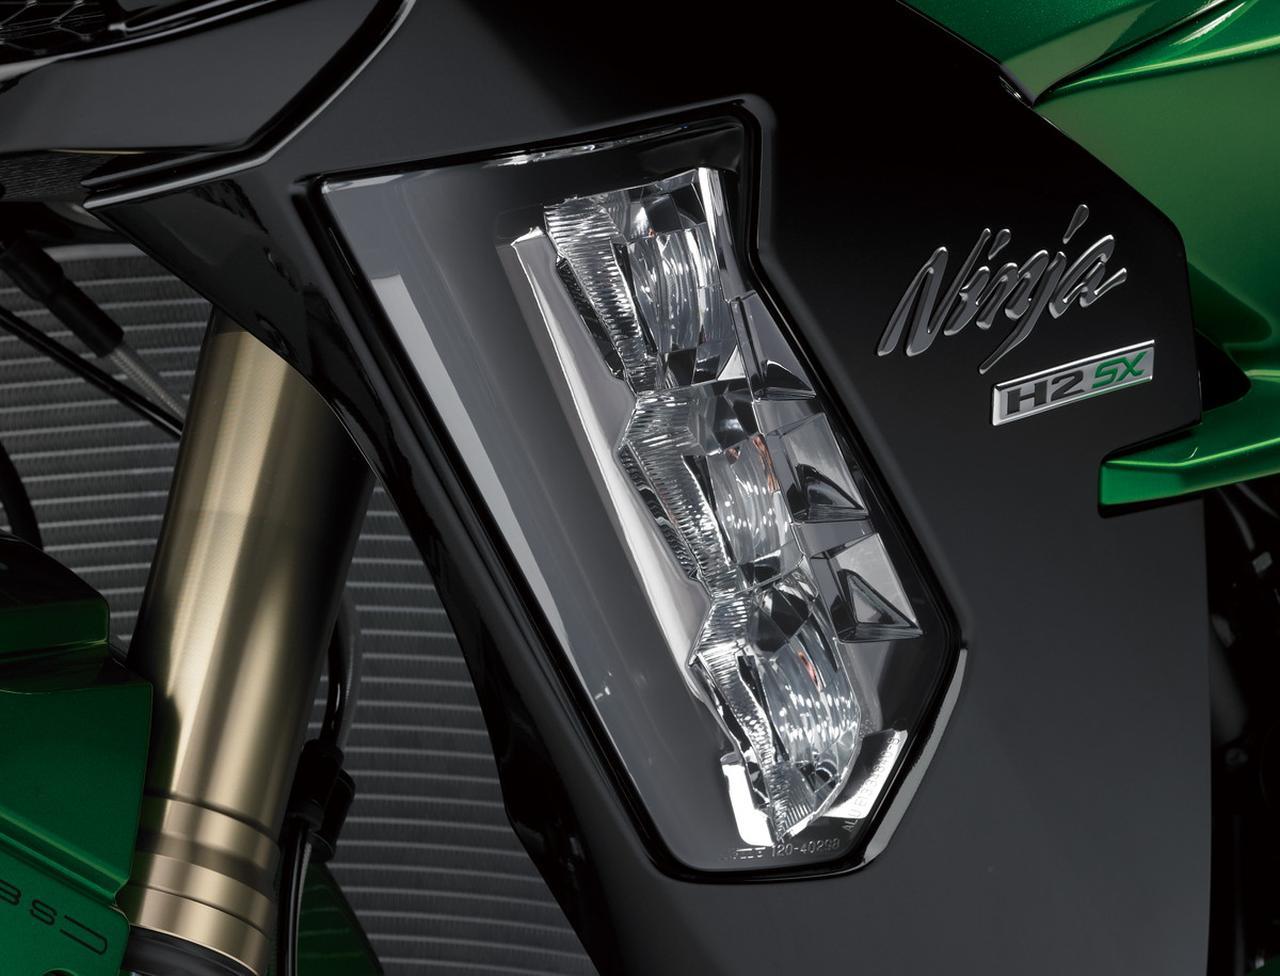 画像3: LEDコーナリングランプ、大型スクリーン、 クルーズコントロールなどツアラー機能も充実。